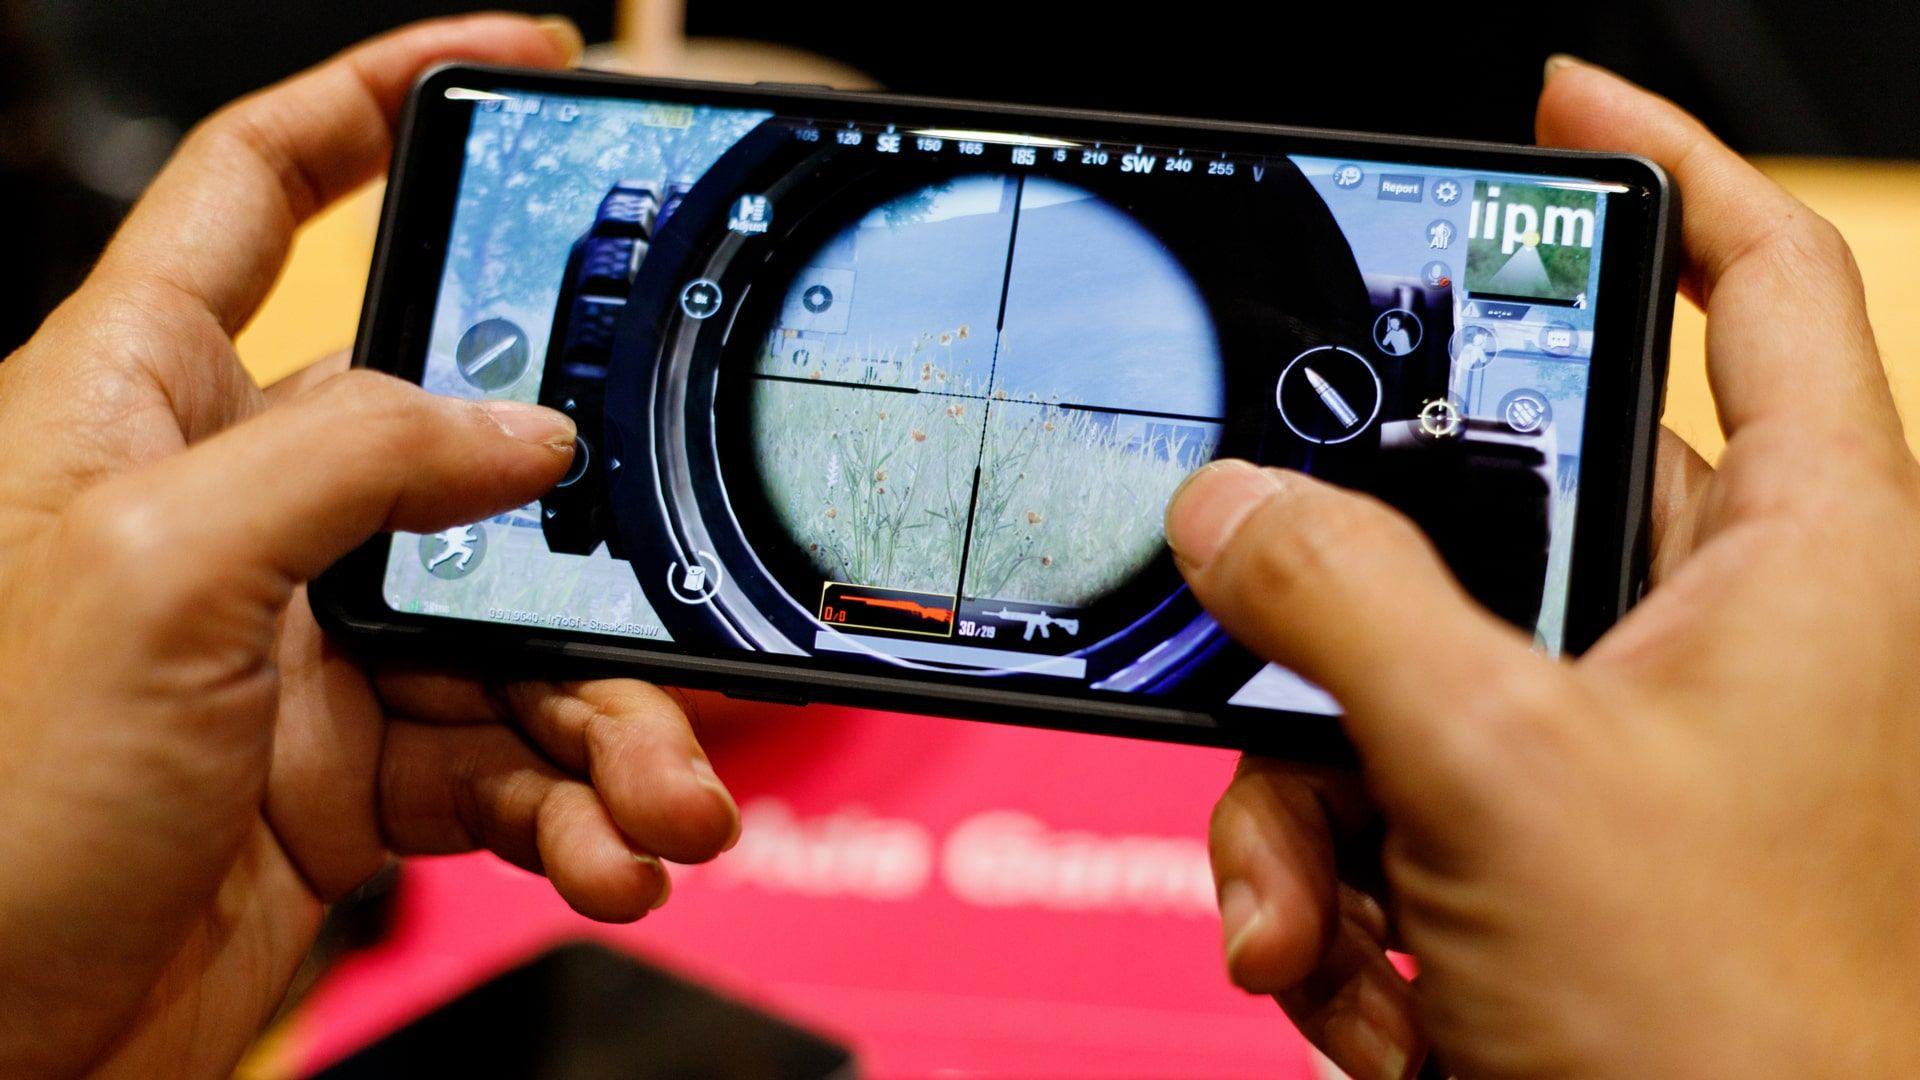 Melhor celular gamer: smartphones feitos para jogos